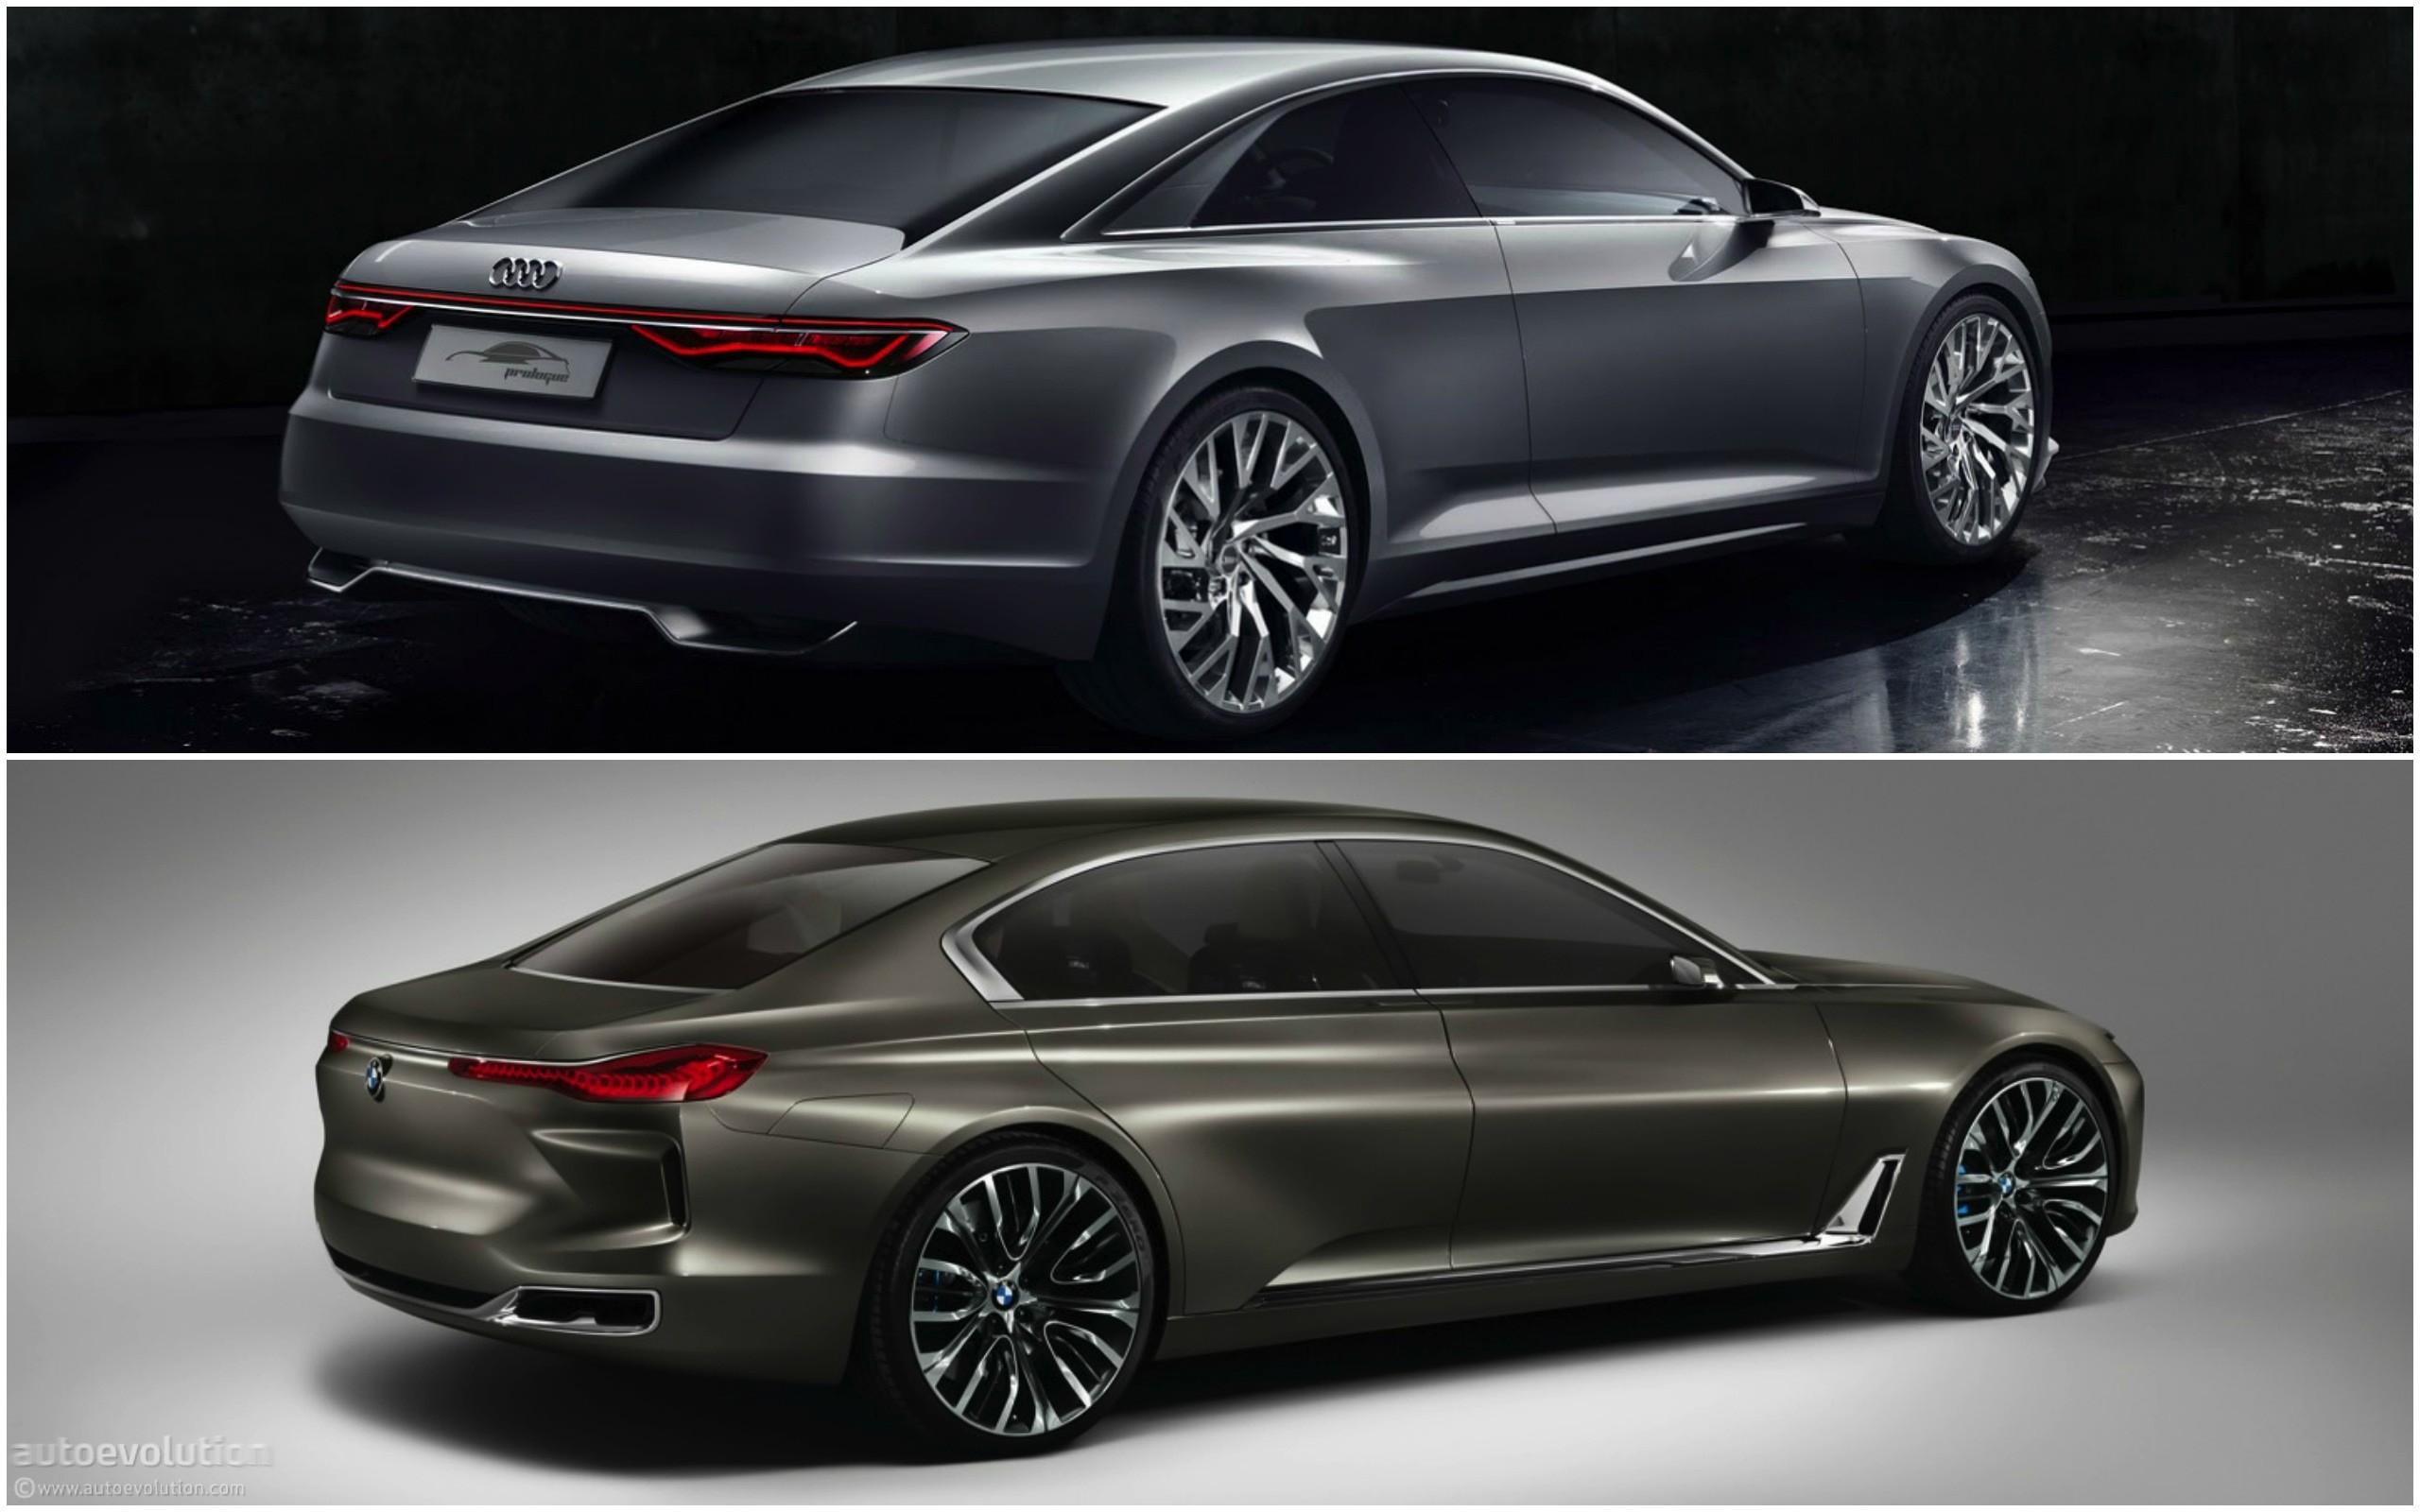 ... Future Luxury Concept versus Audi Prologue Concept - autoevolution